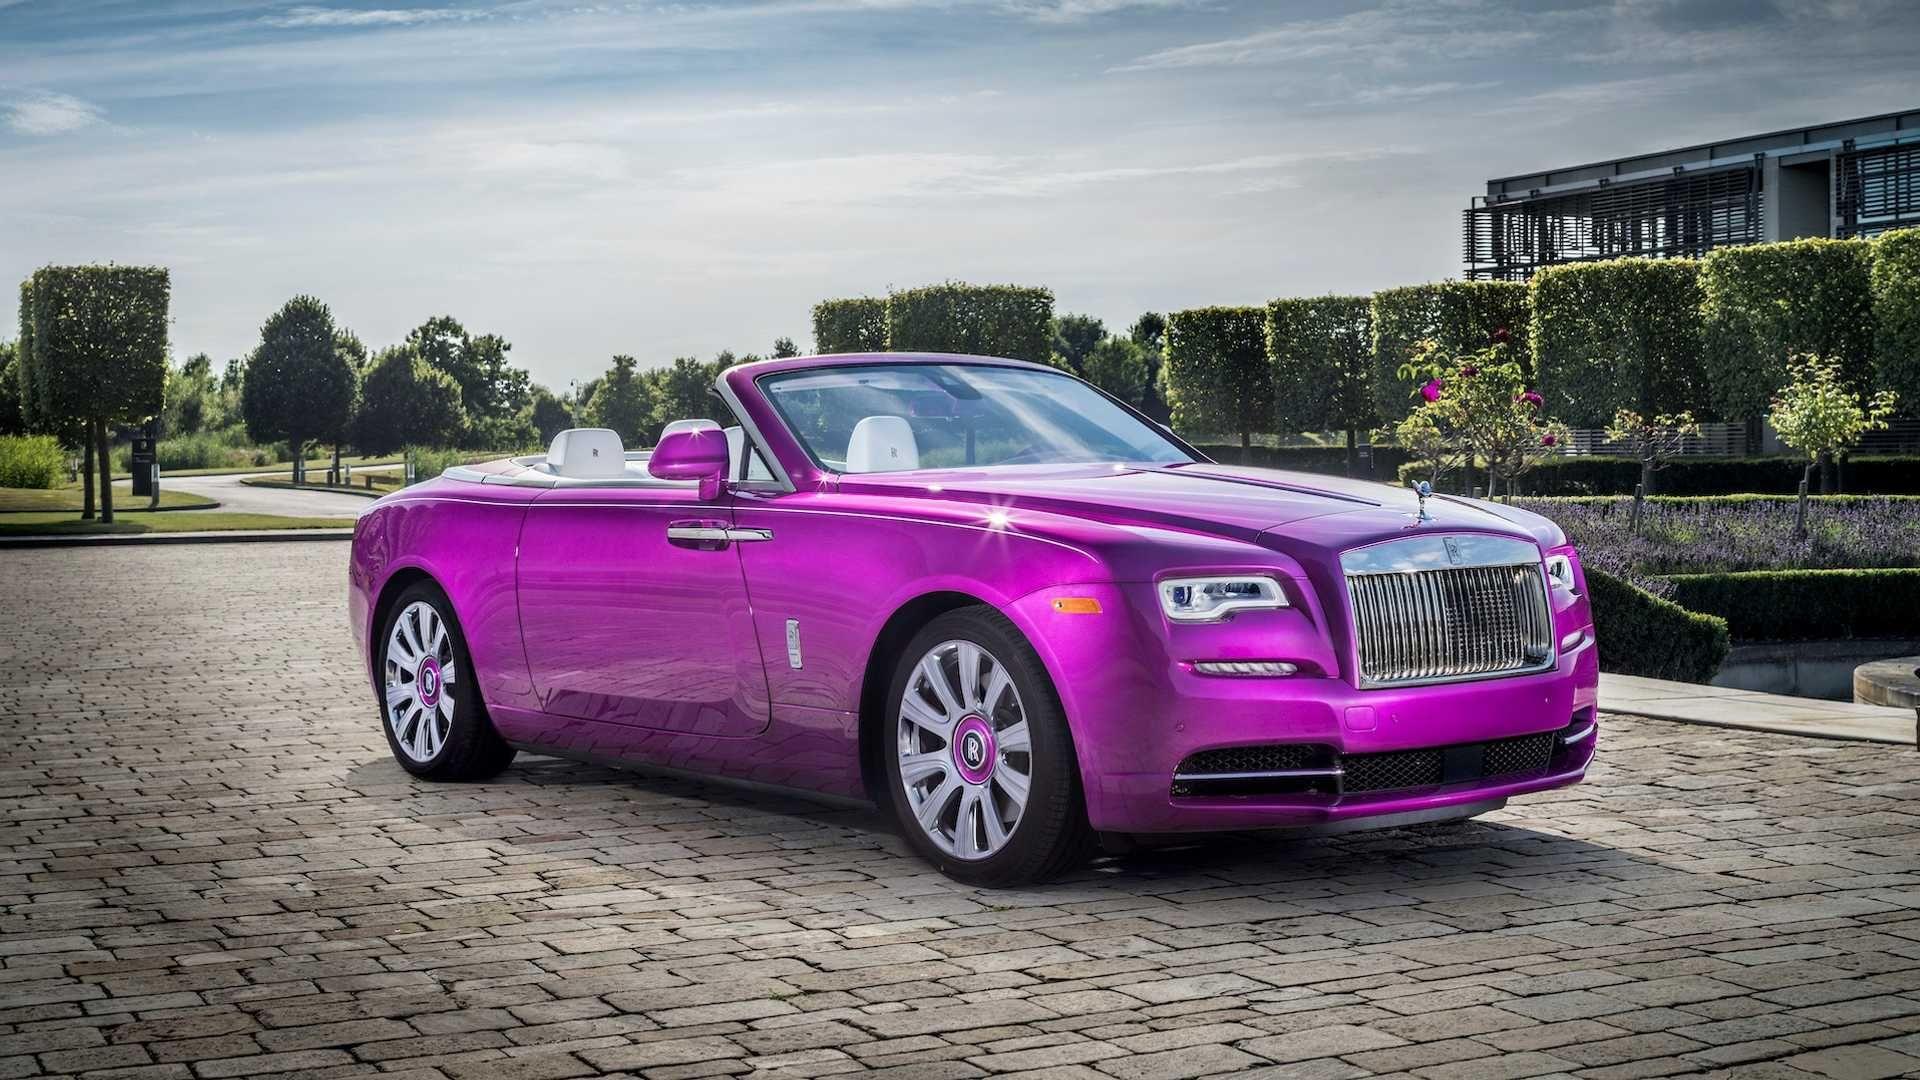 Колекціонер зібрав 12 різнокольорових Rolls-Royce